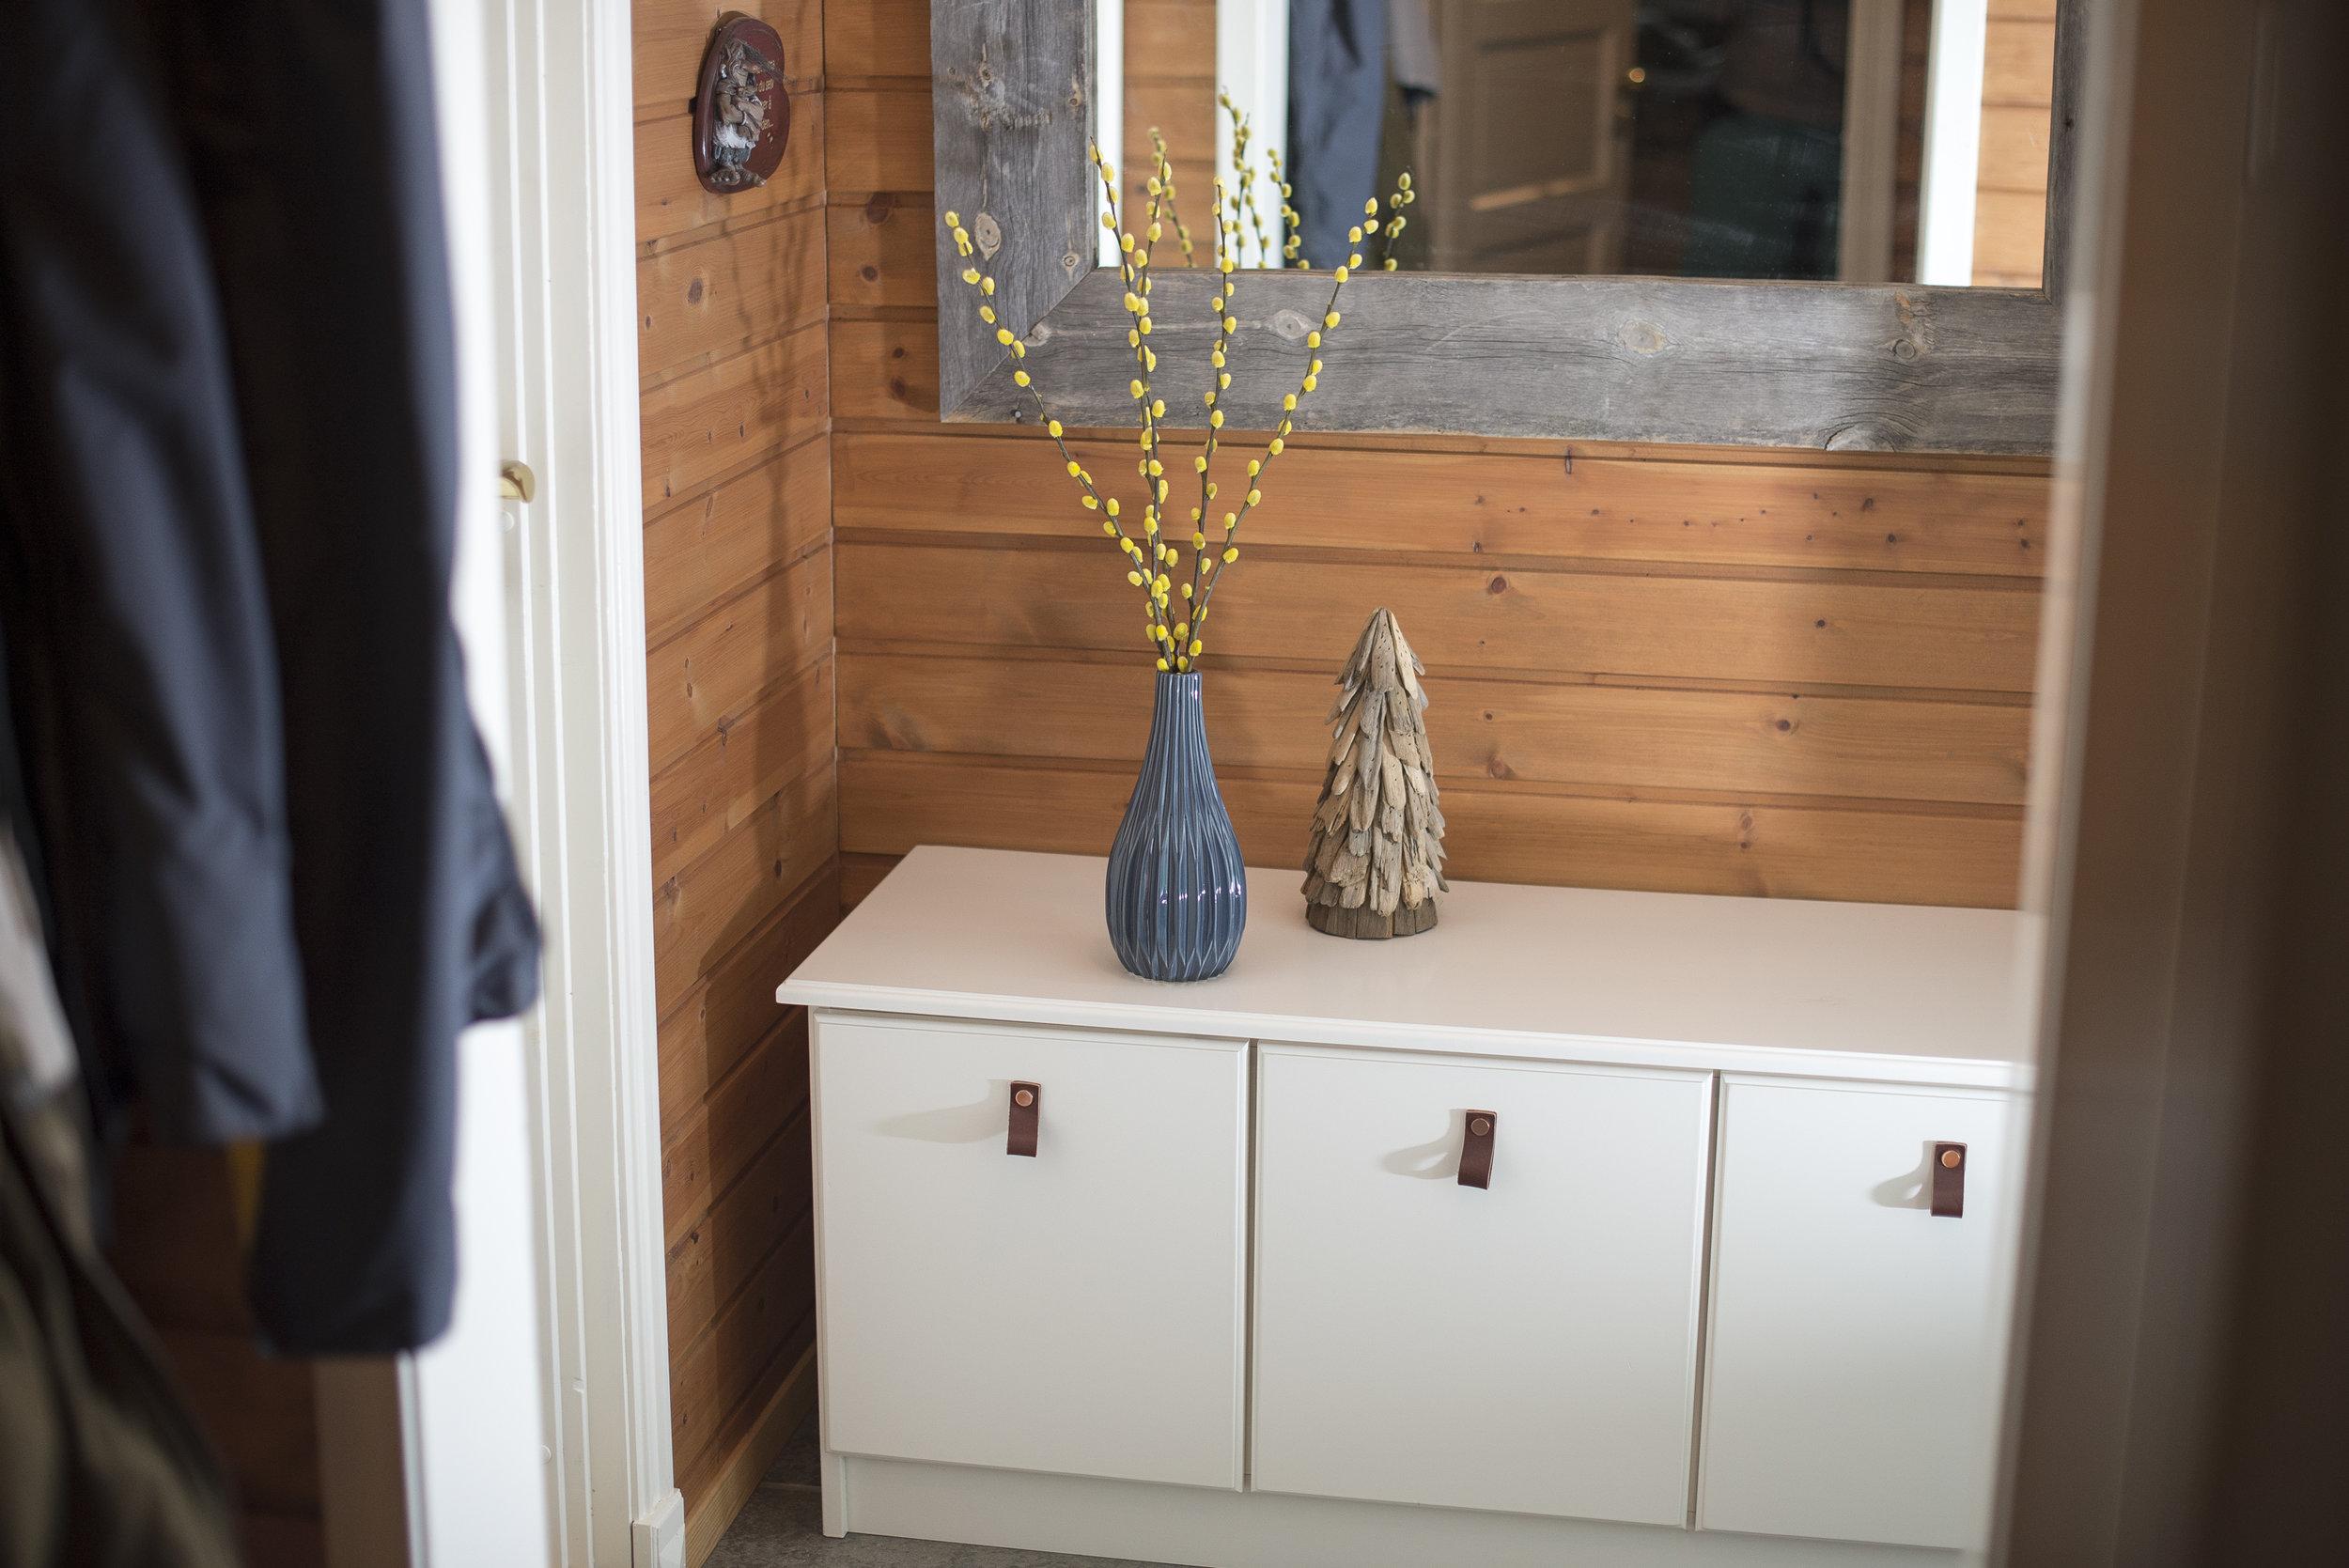 Benk med skuffer til entré i hytte på Bjorli. Vi laget også senger og garderobe i samme stil. Håndtakene er av skinn med knapper i kobberfarge. Speilet har vi også produsert, det er av naturlig eldet treverk.